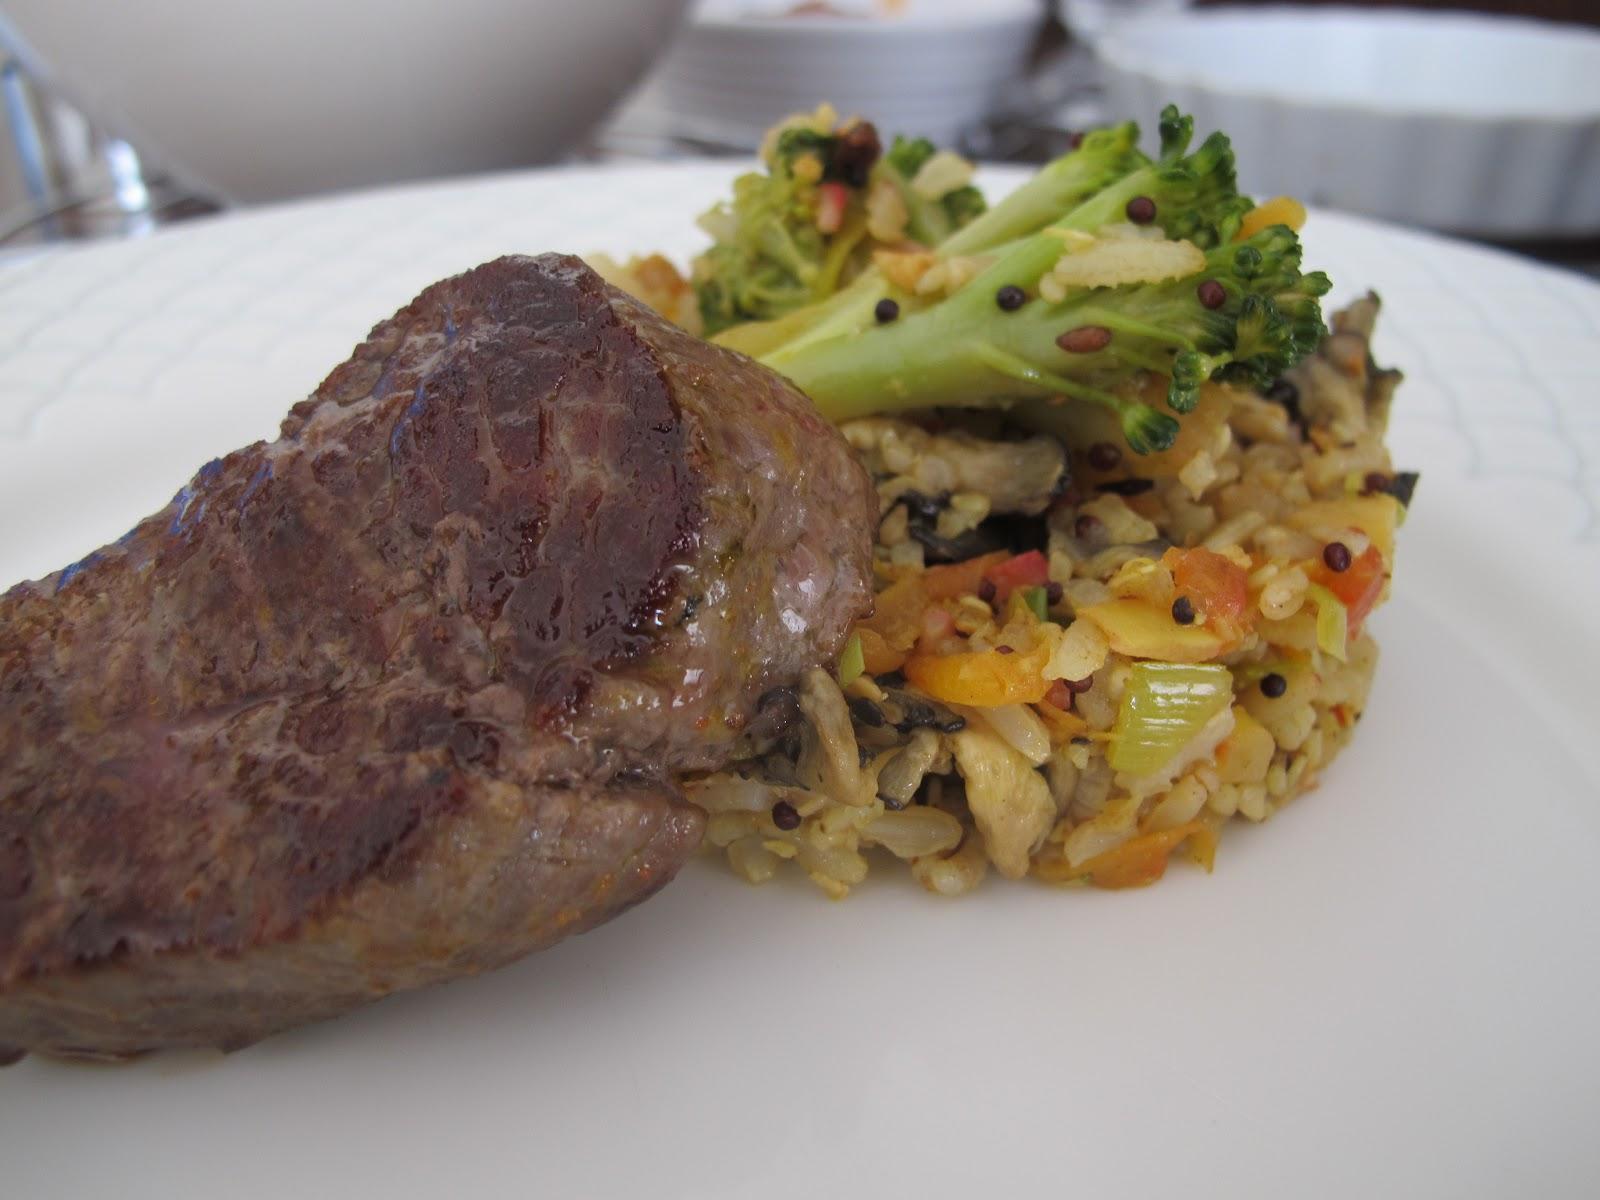 Risotto vegetariano - Risotto arroz integral ...